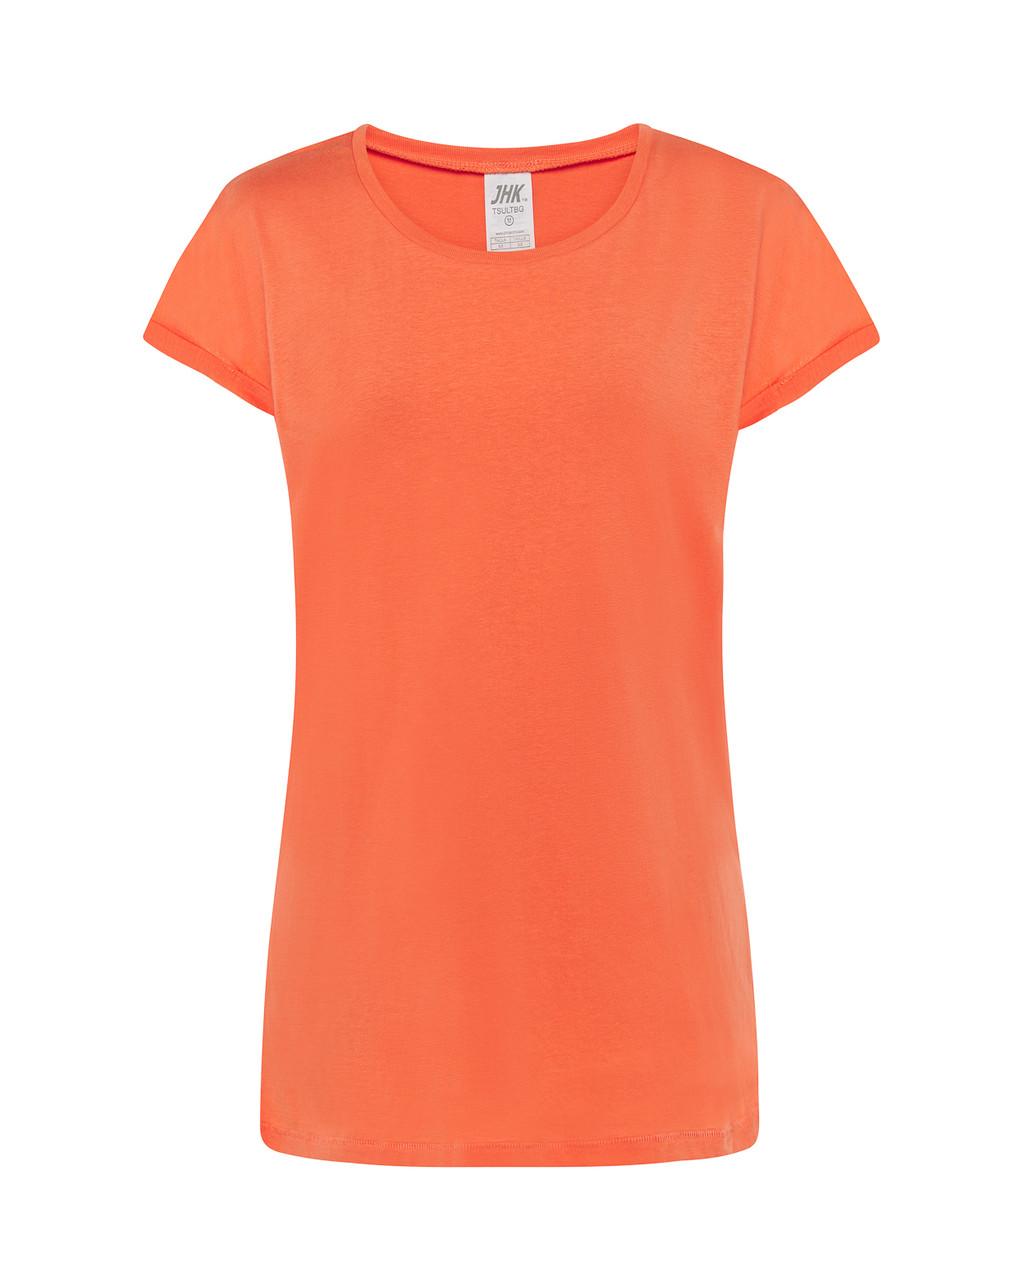 Женская футболка JHK TOBAGO цвет коралловый (CO)